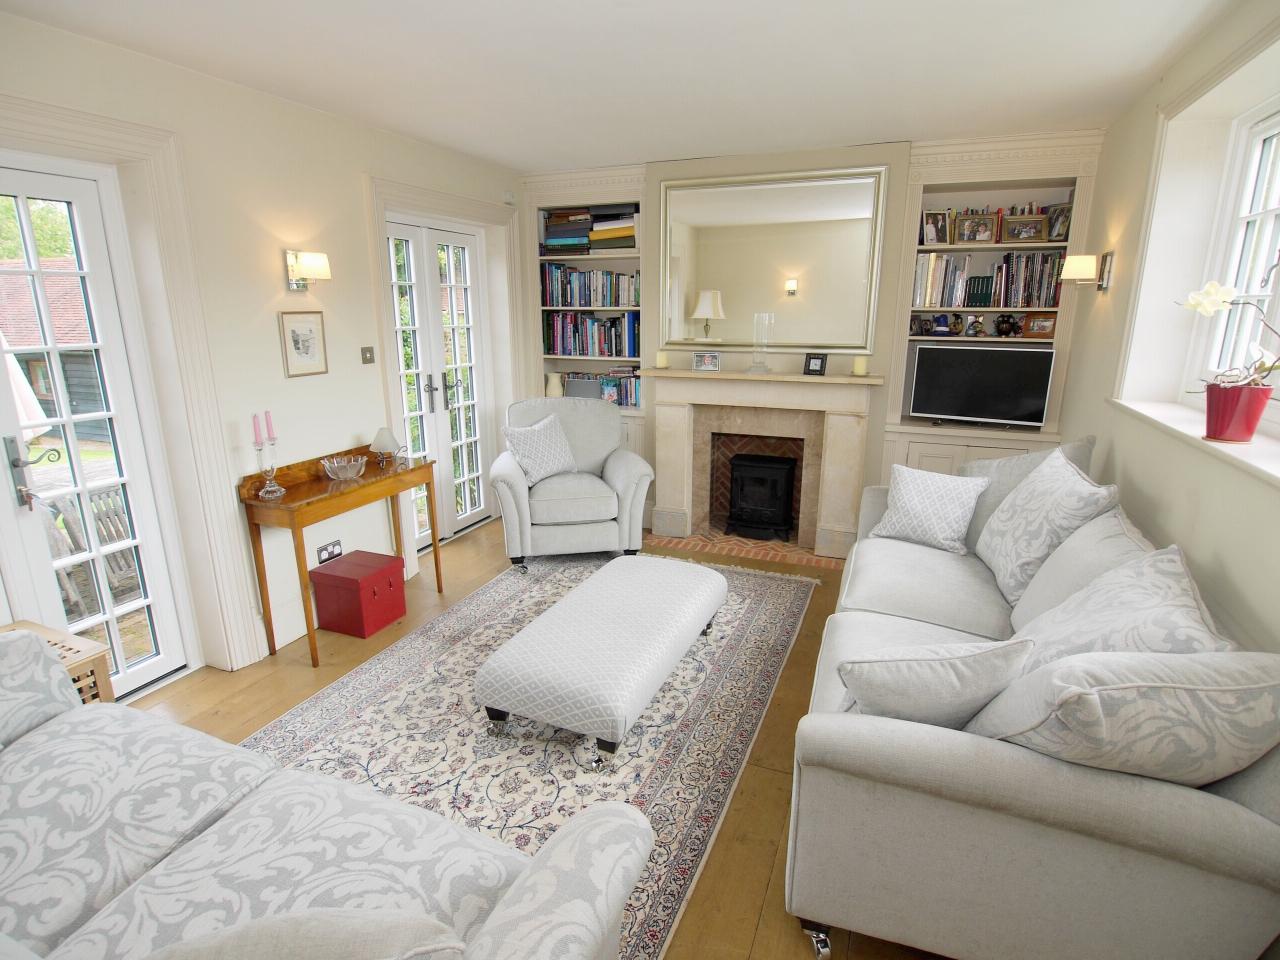 4 bedroom detached house Sold in Tonbridge - Photograph 3